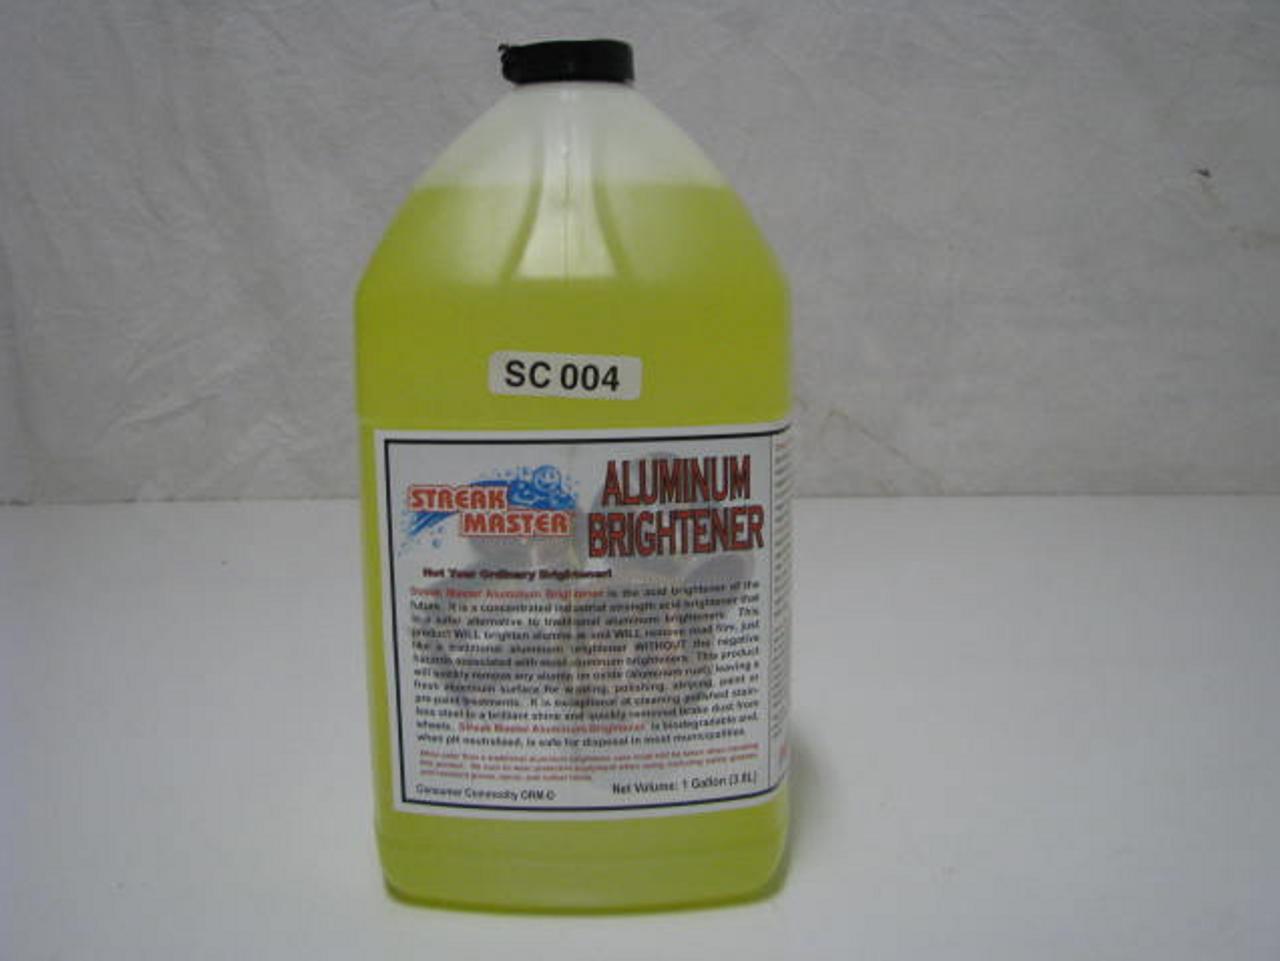 Aluminum Brightener (SC004) PRODUCT SHOWN